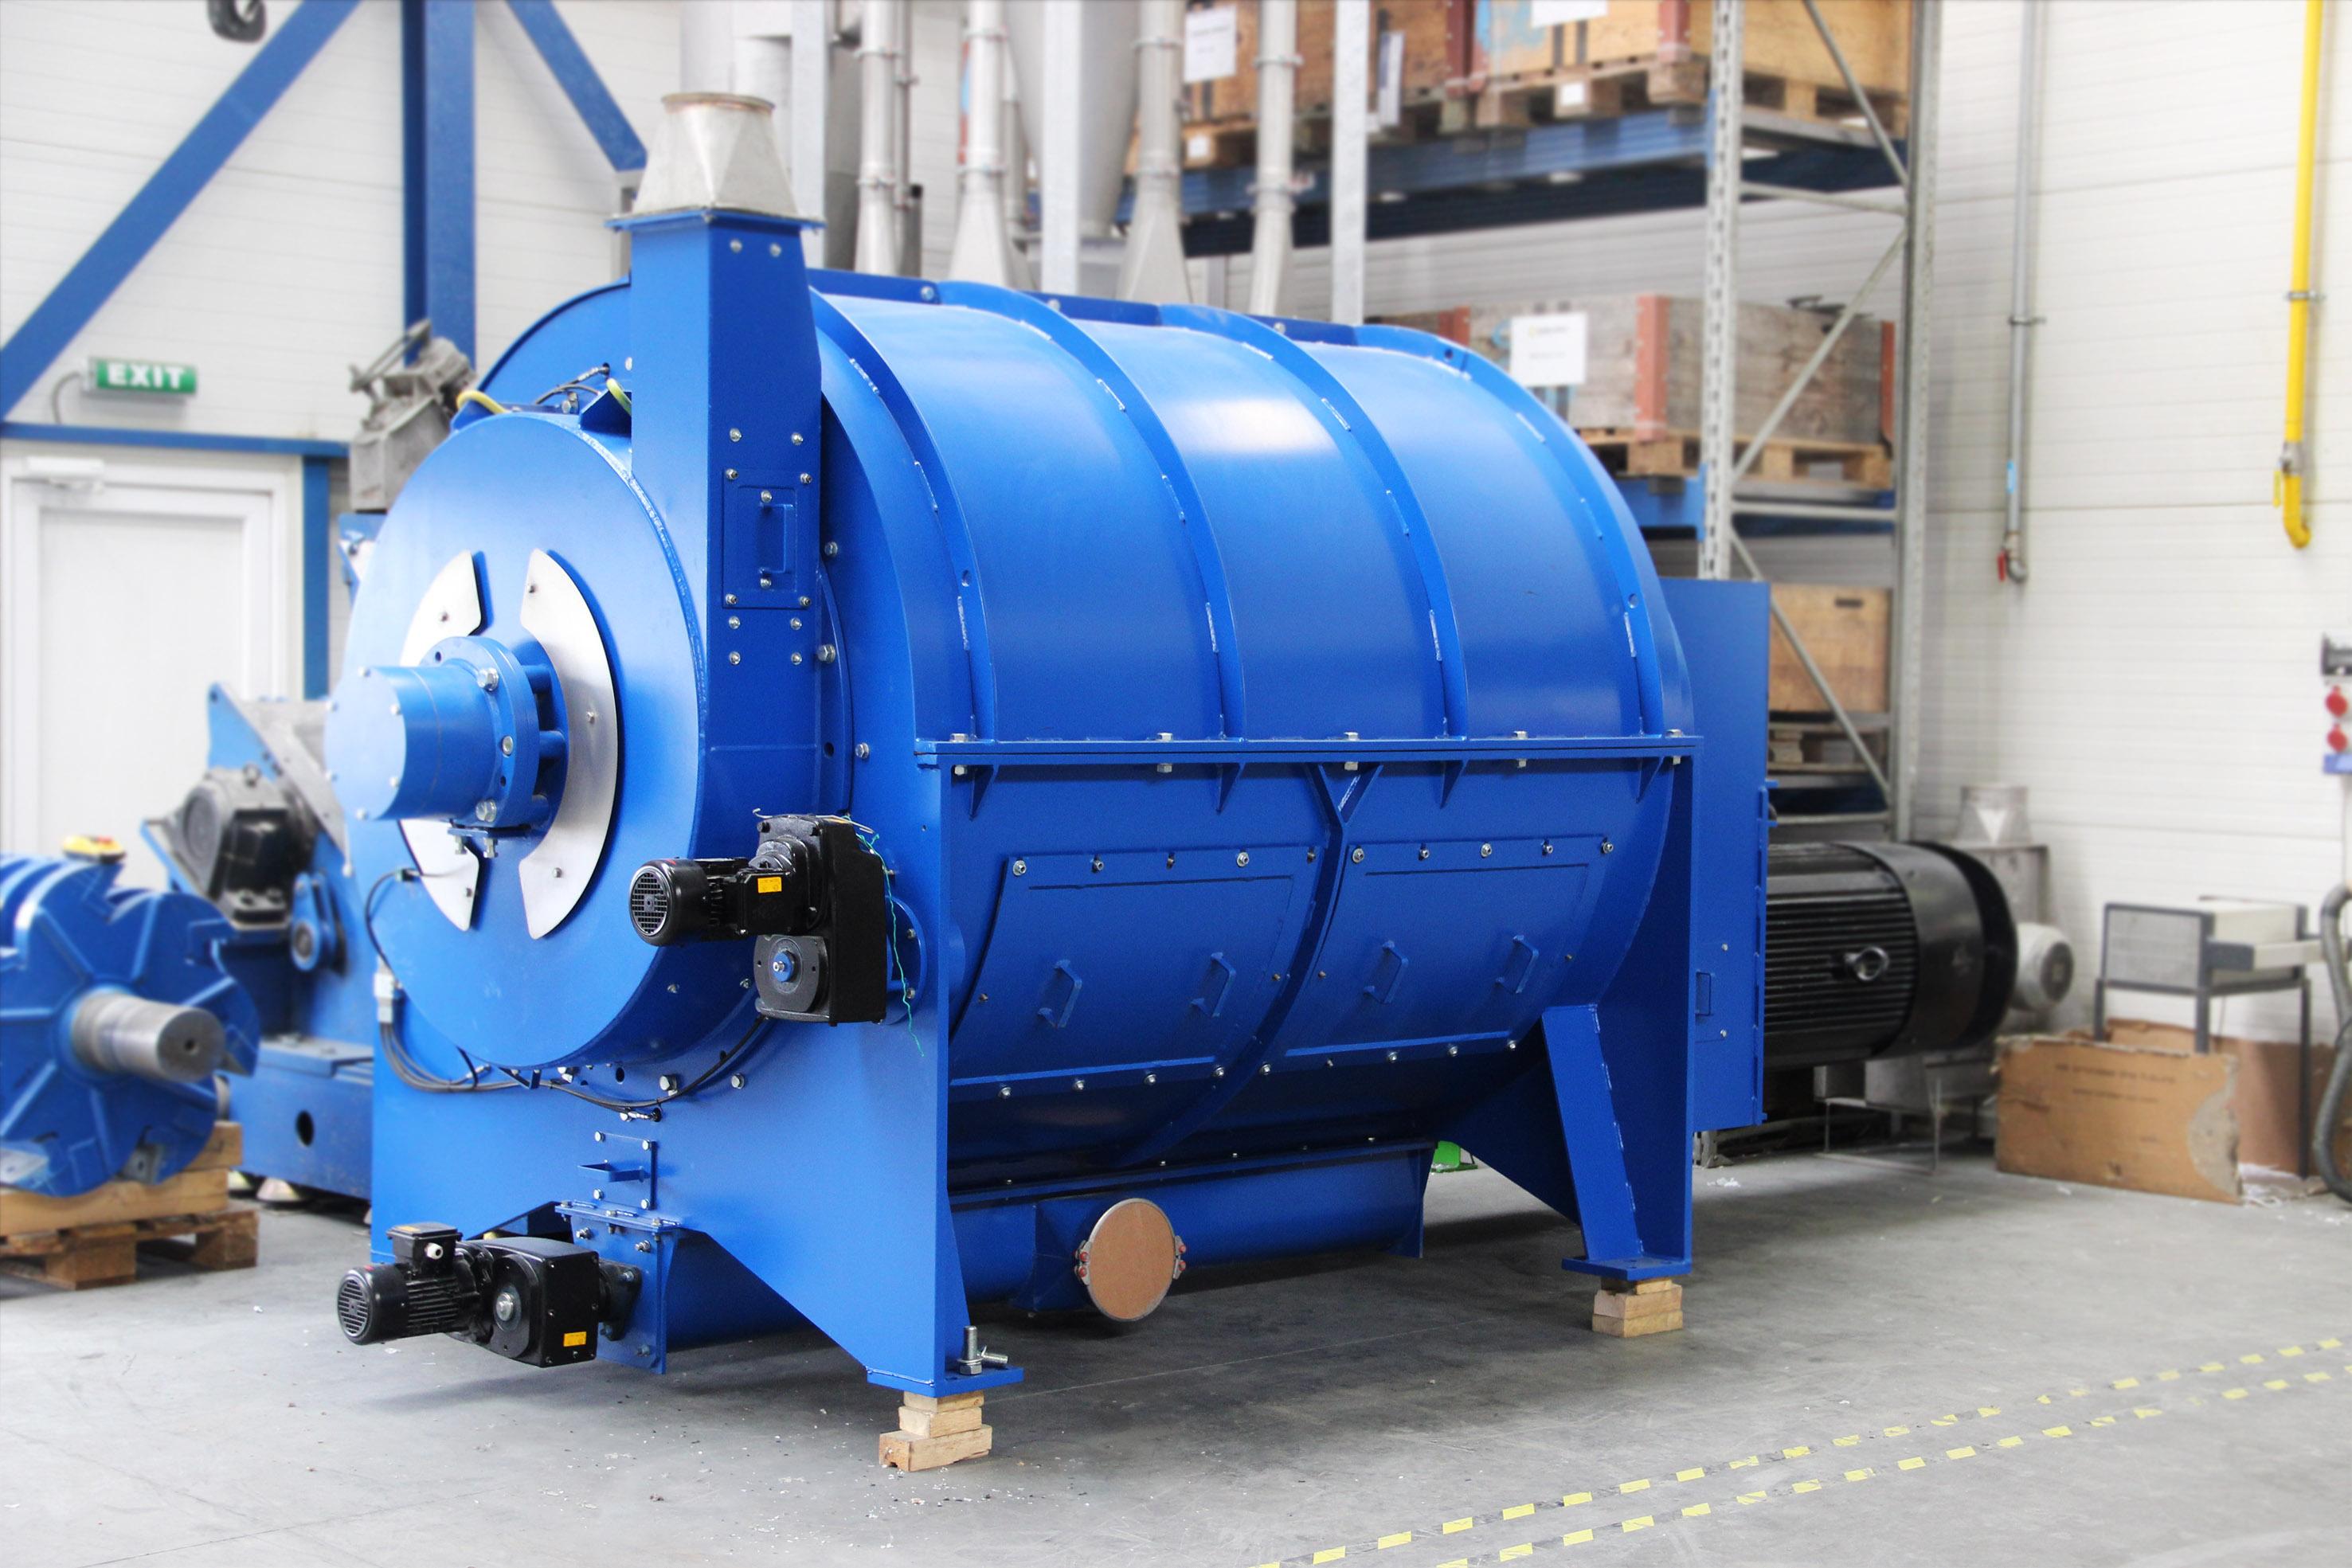 Trockenreinigung für Kunststoffwaschanlagen